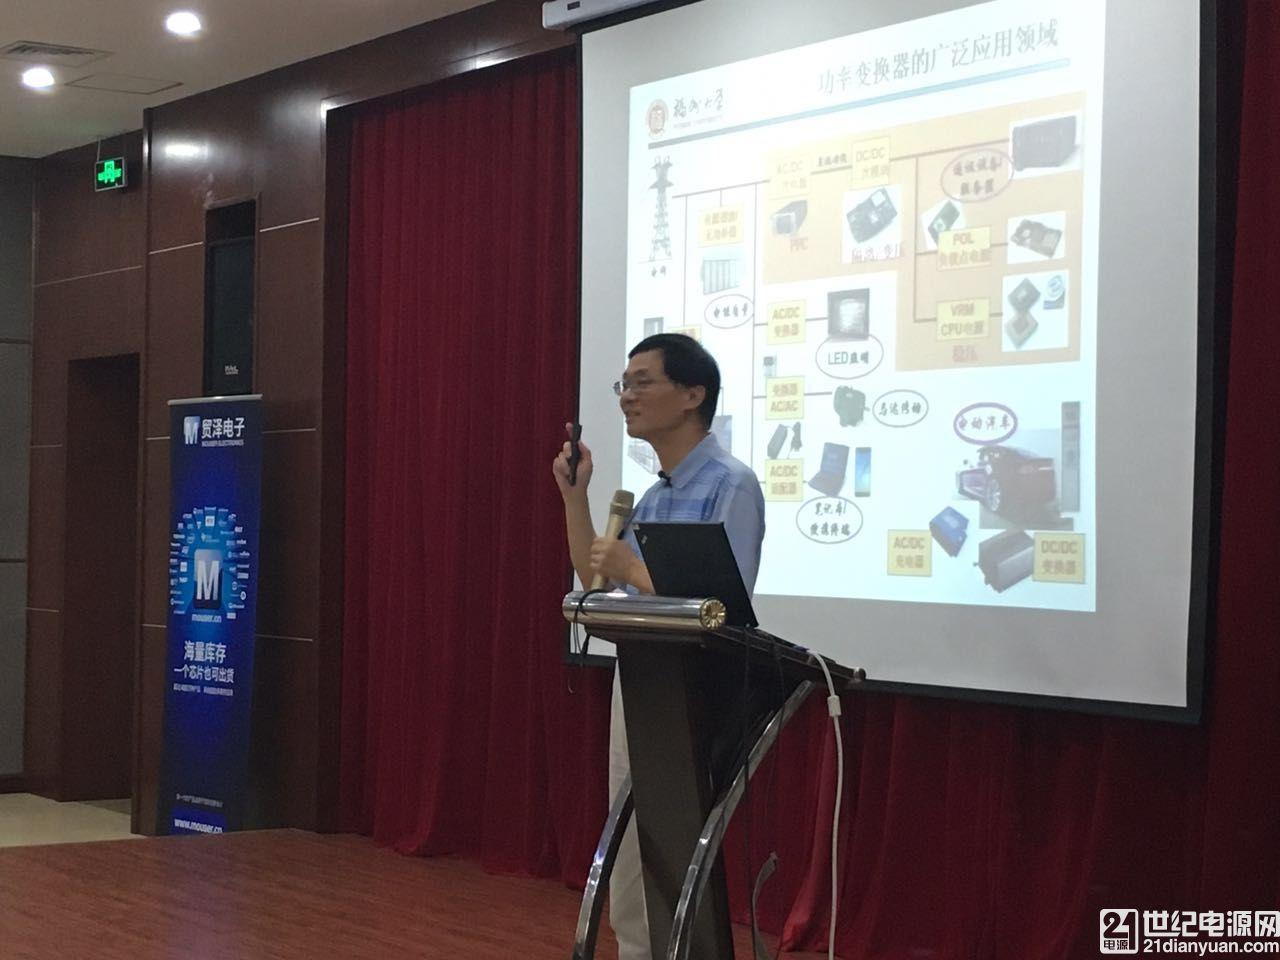 http://cdn12.21dianyuan.com/attachment/forum/201708/08/172427yqglb7gr3zkd73bg.jpg.thumb.jpg